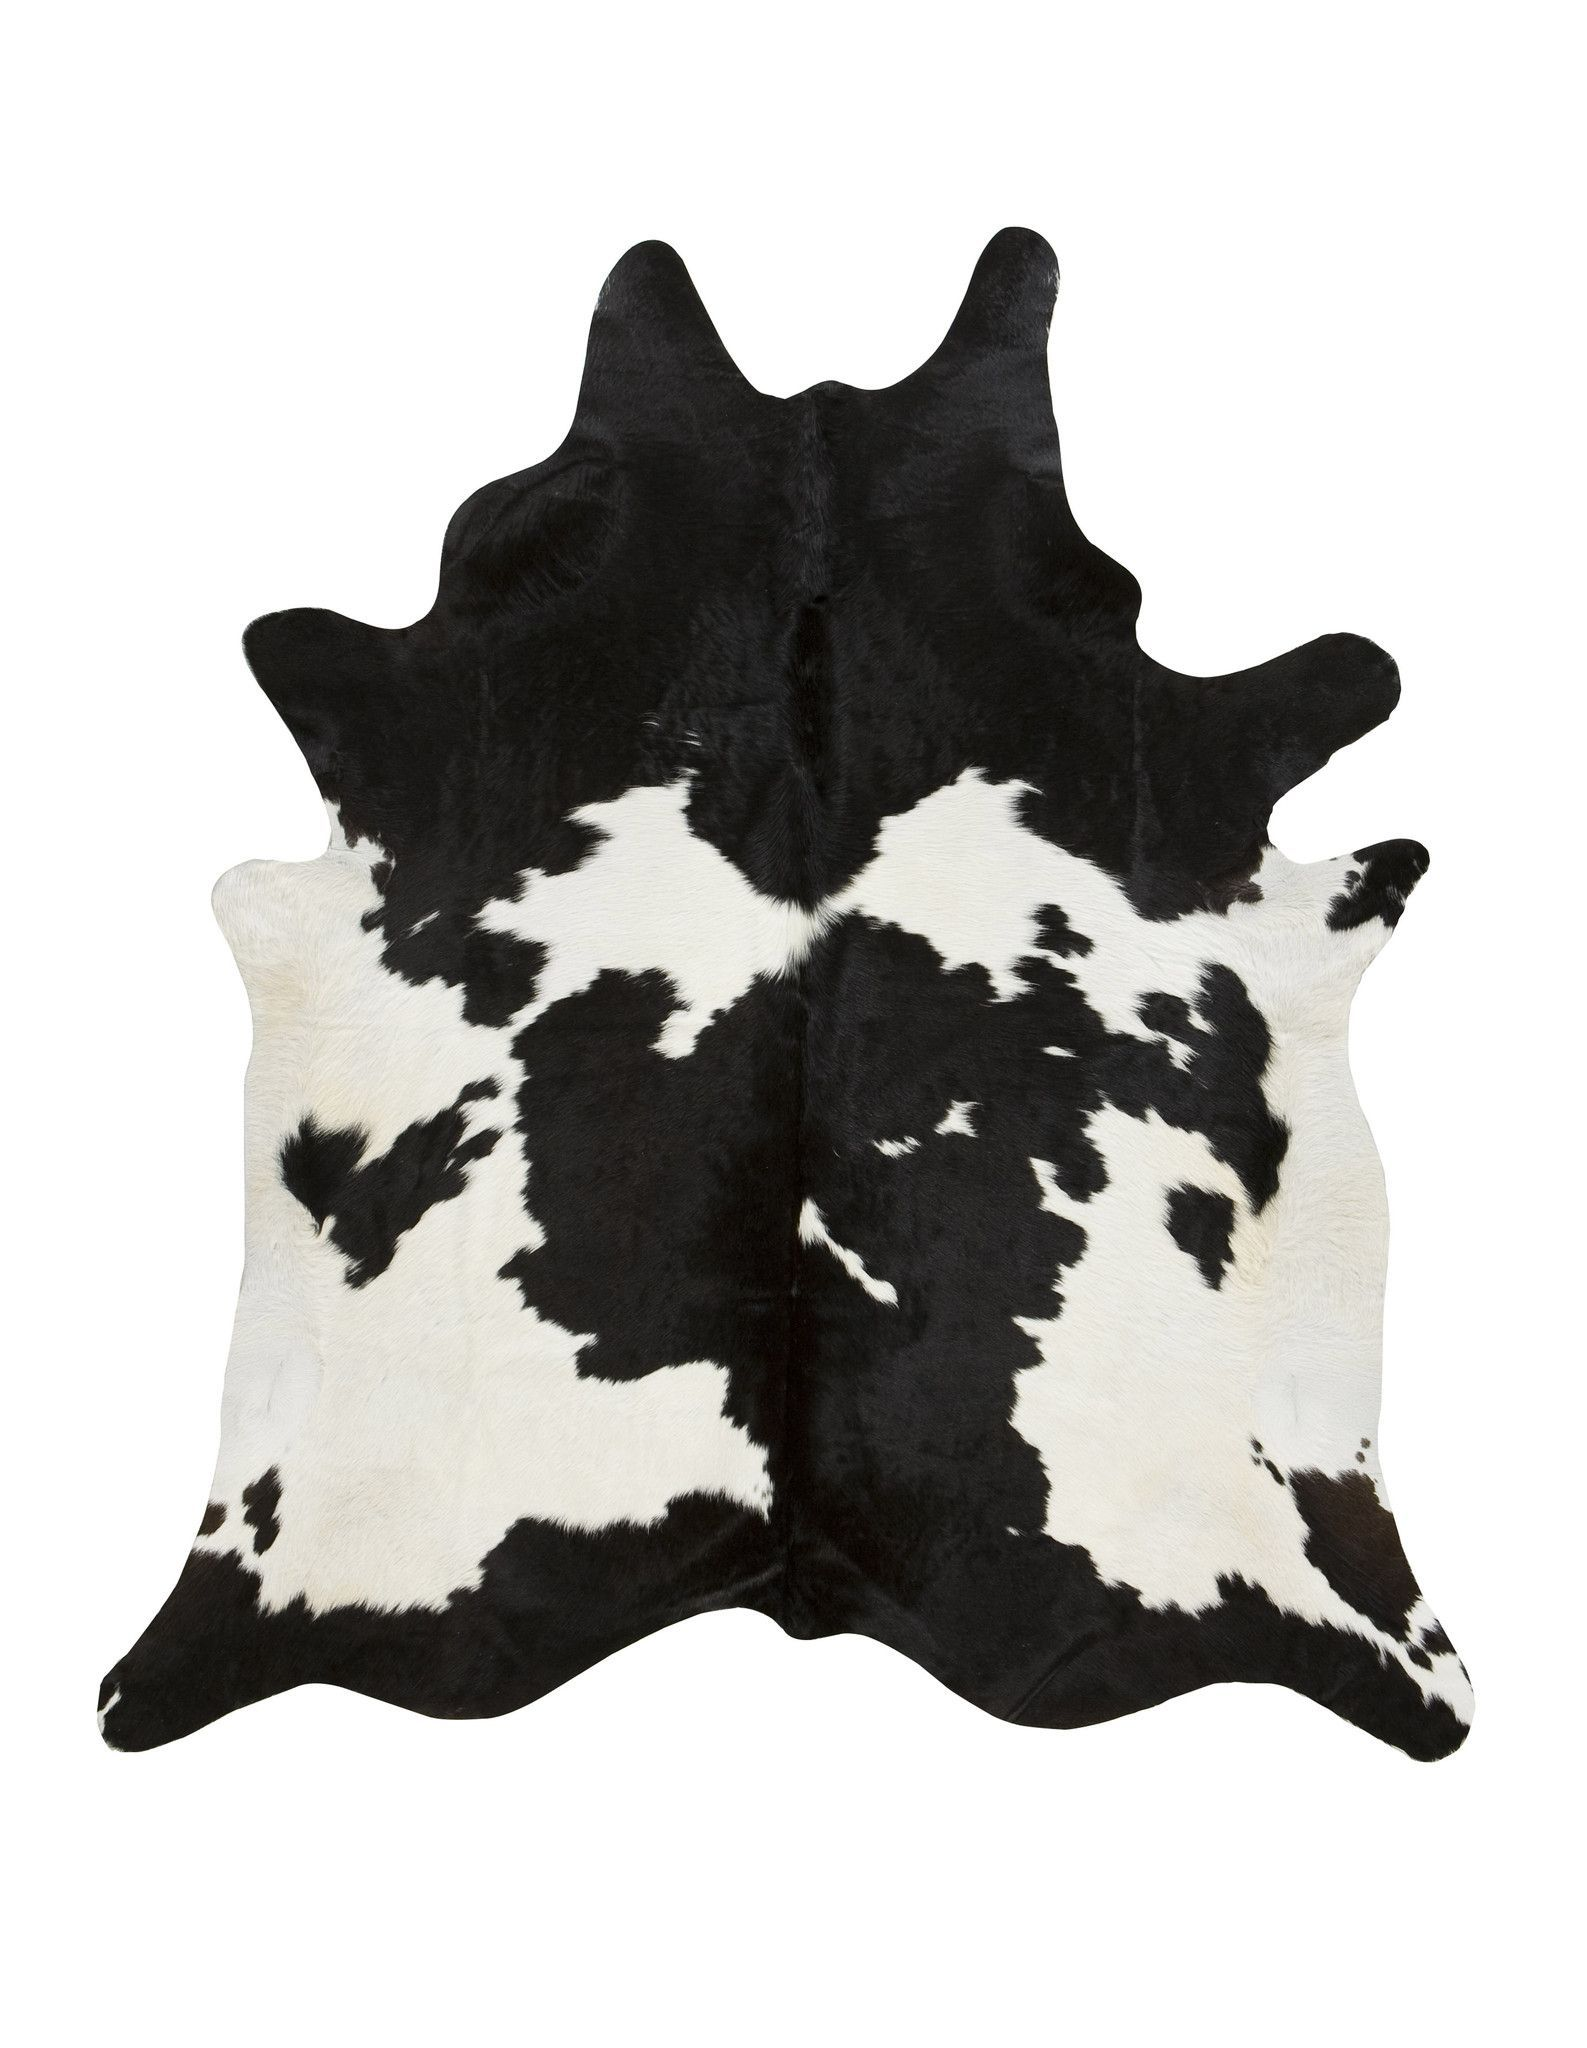 Black And White Cowhide Rug Xl Black White Cowhide Rug White Cowhide Rug Cow Hide Rug